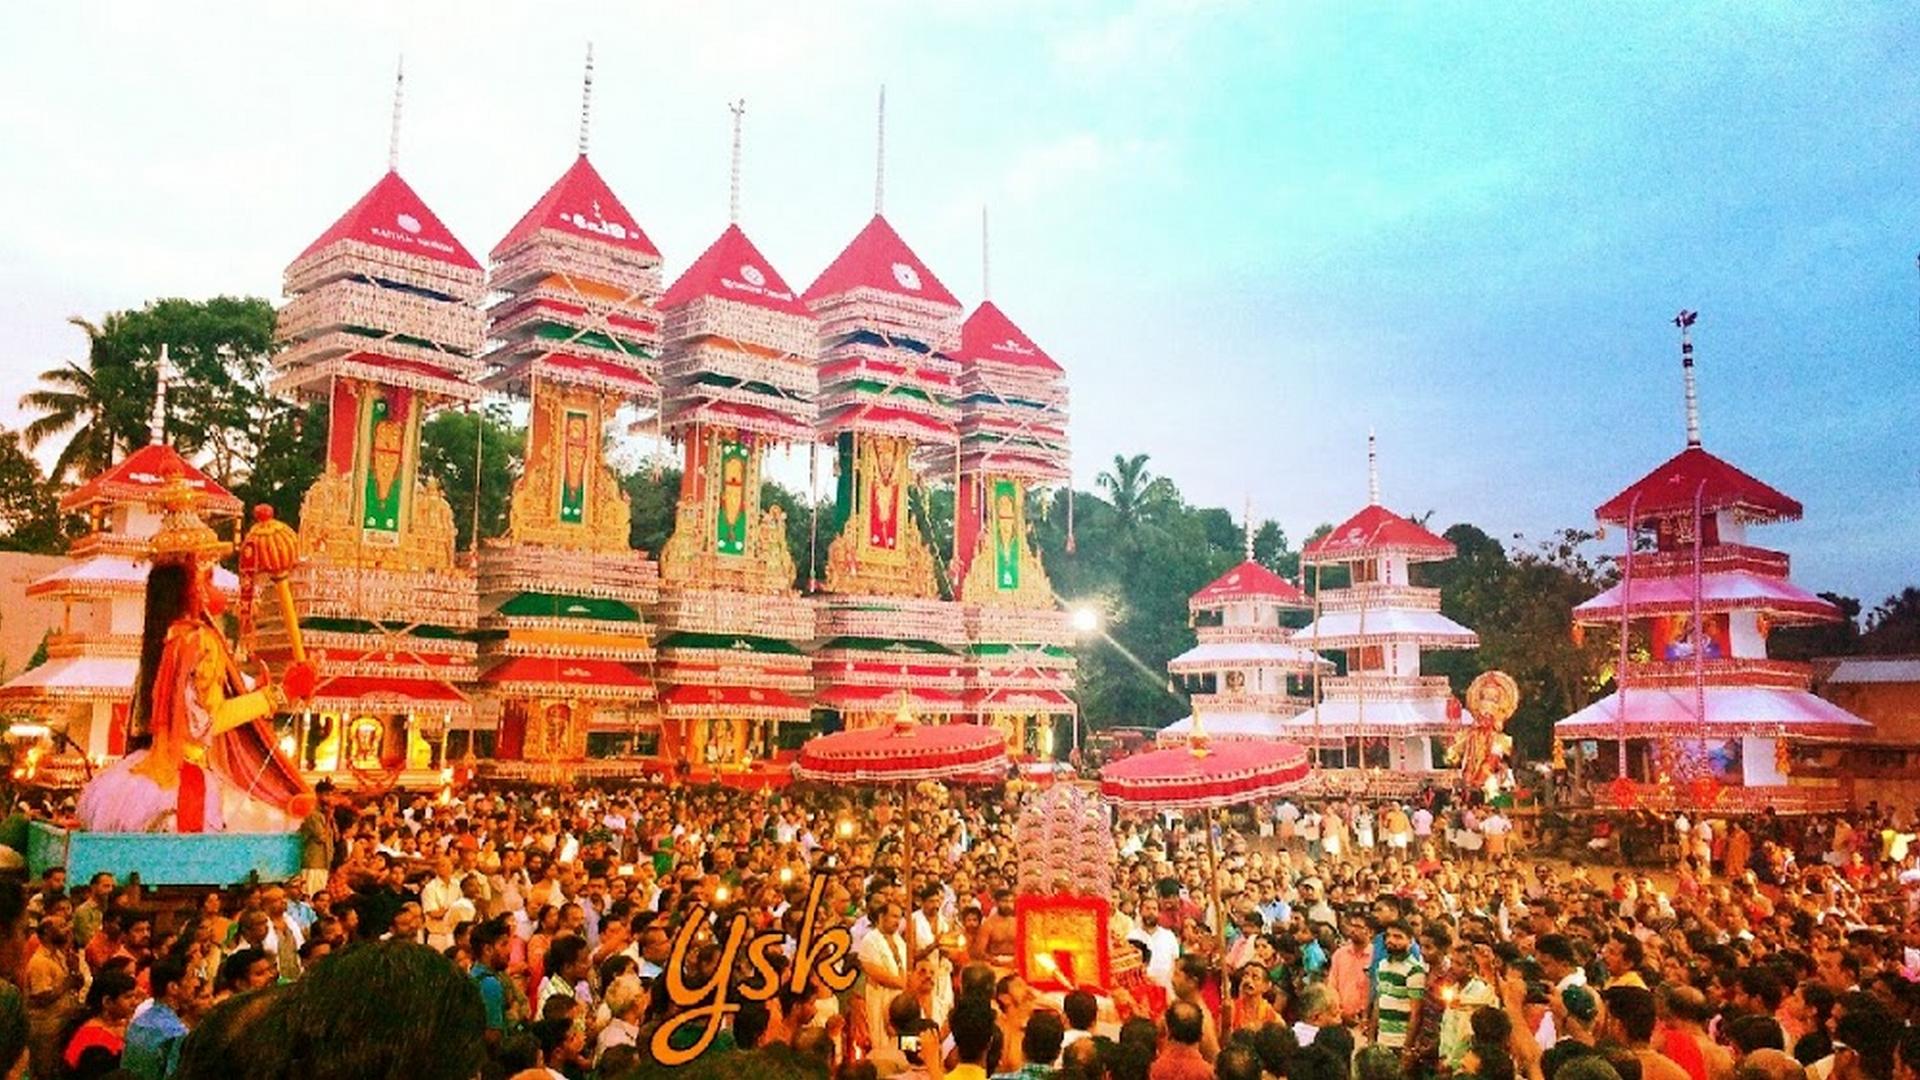 Chettikulangara Bhagavathy Temple